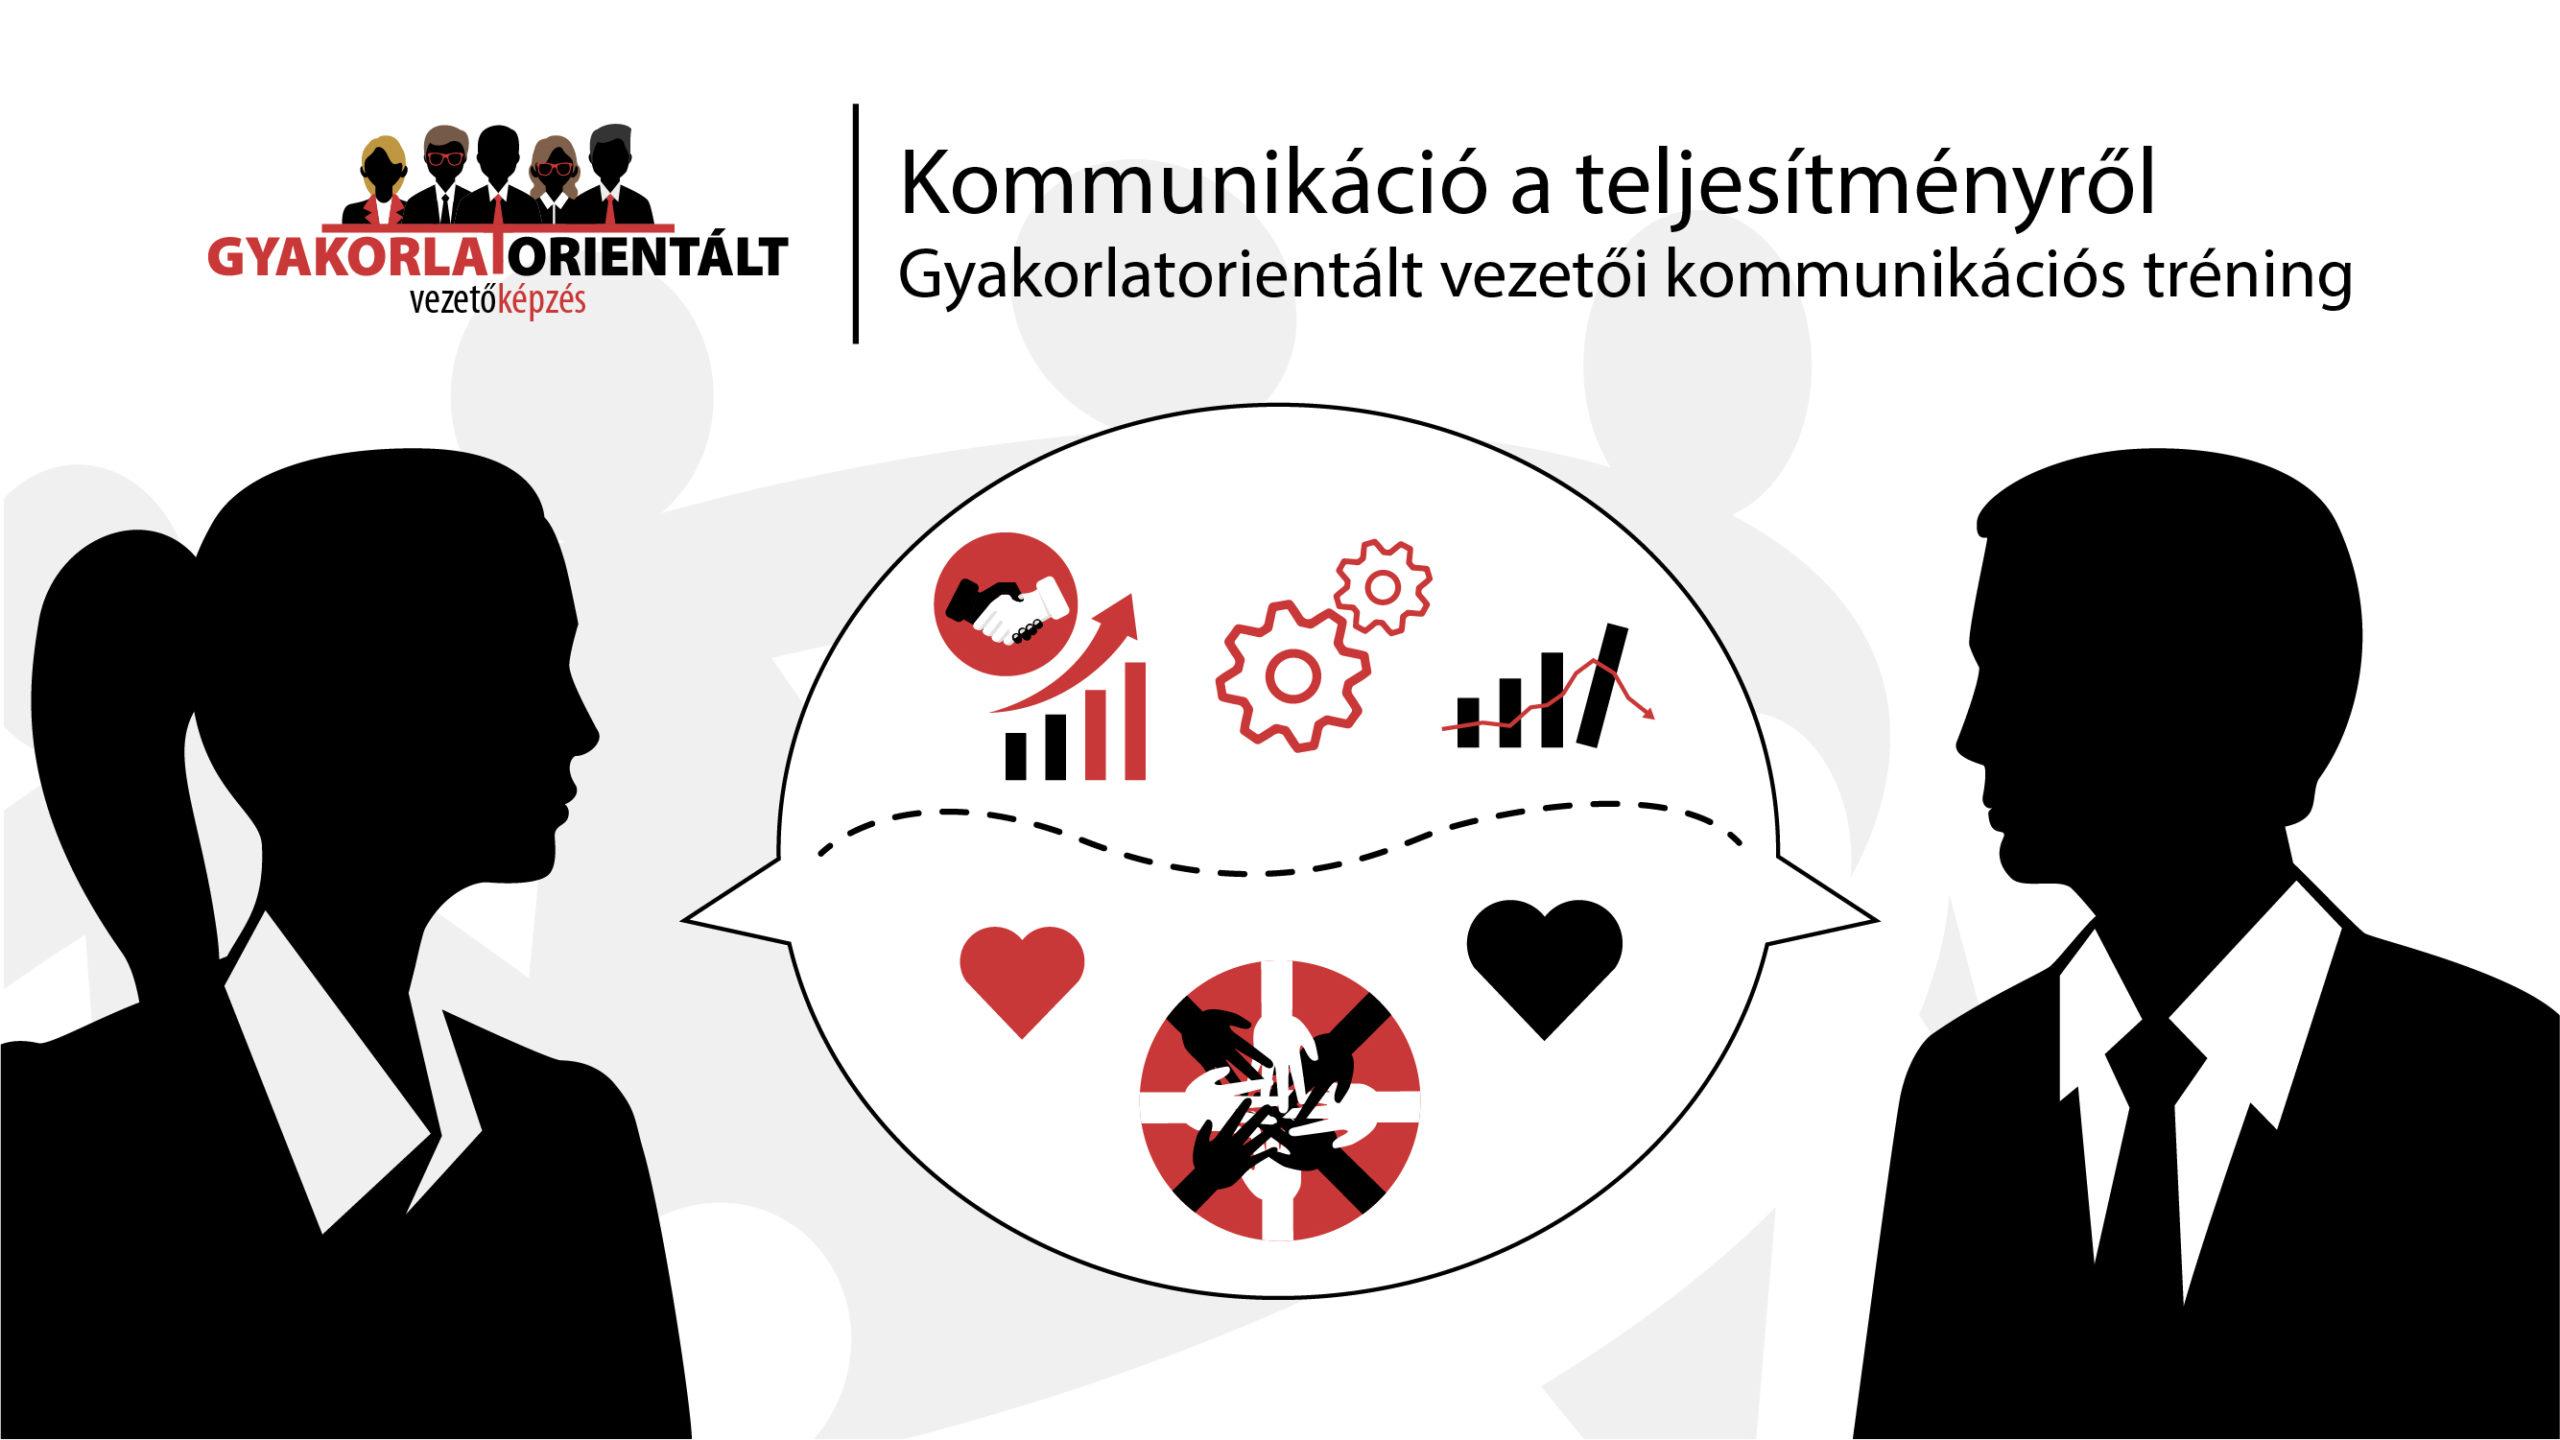 Teljesítményértékelés - A célkitűzéstől a visszajelzés adásáig - Pannon Egyetem - GTK